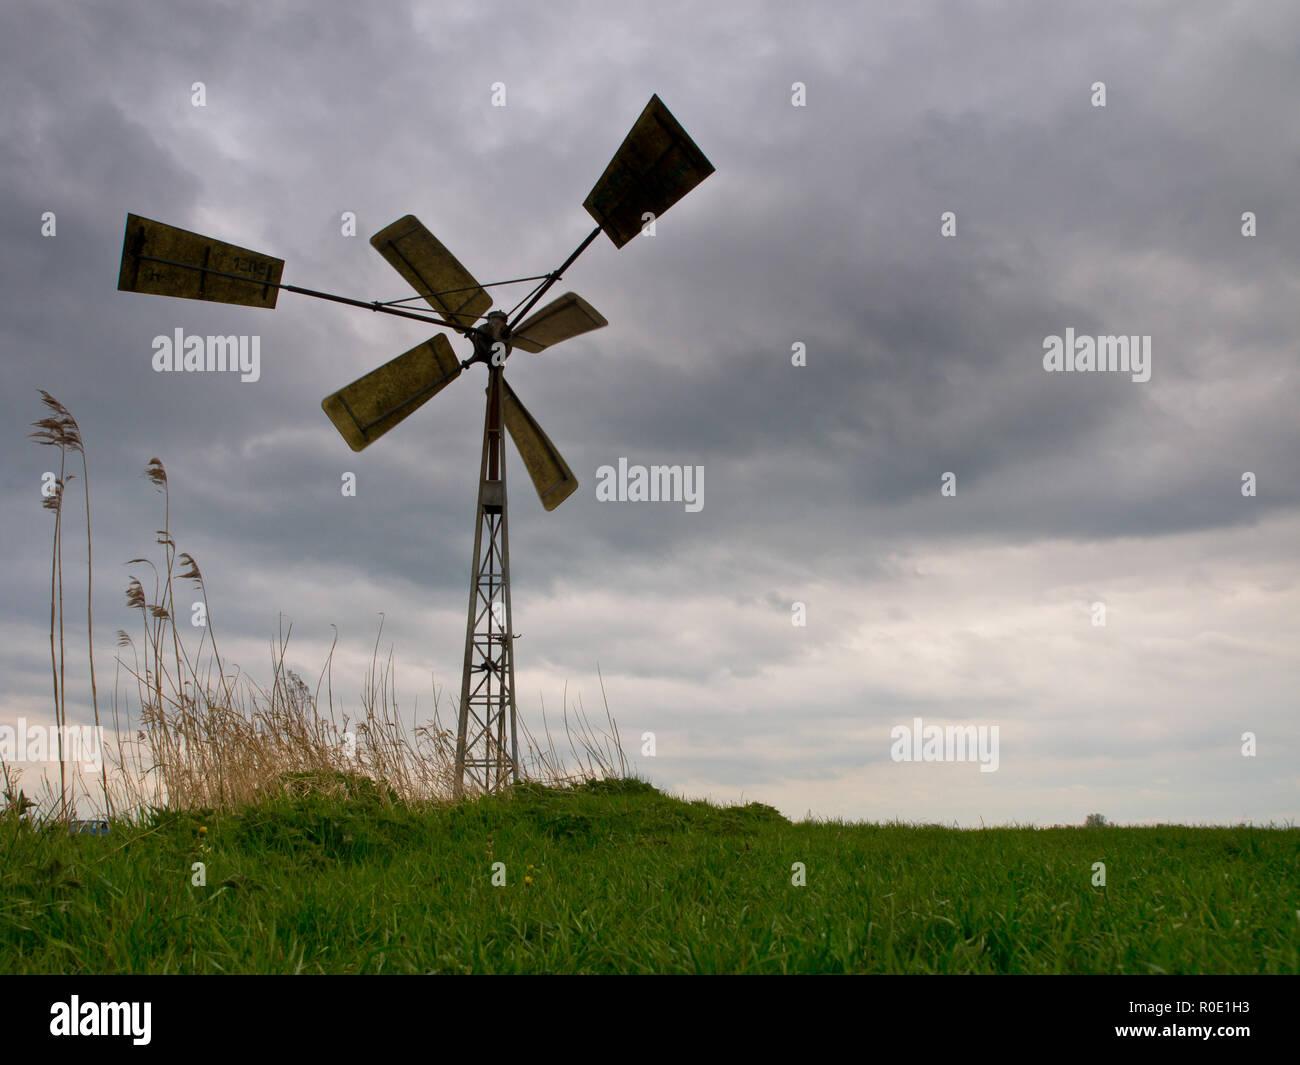 Een Amerikaanse windmolen onder een dreigende stormachtige lucht Stock Photo